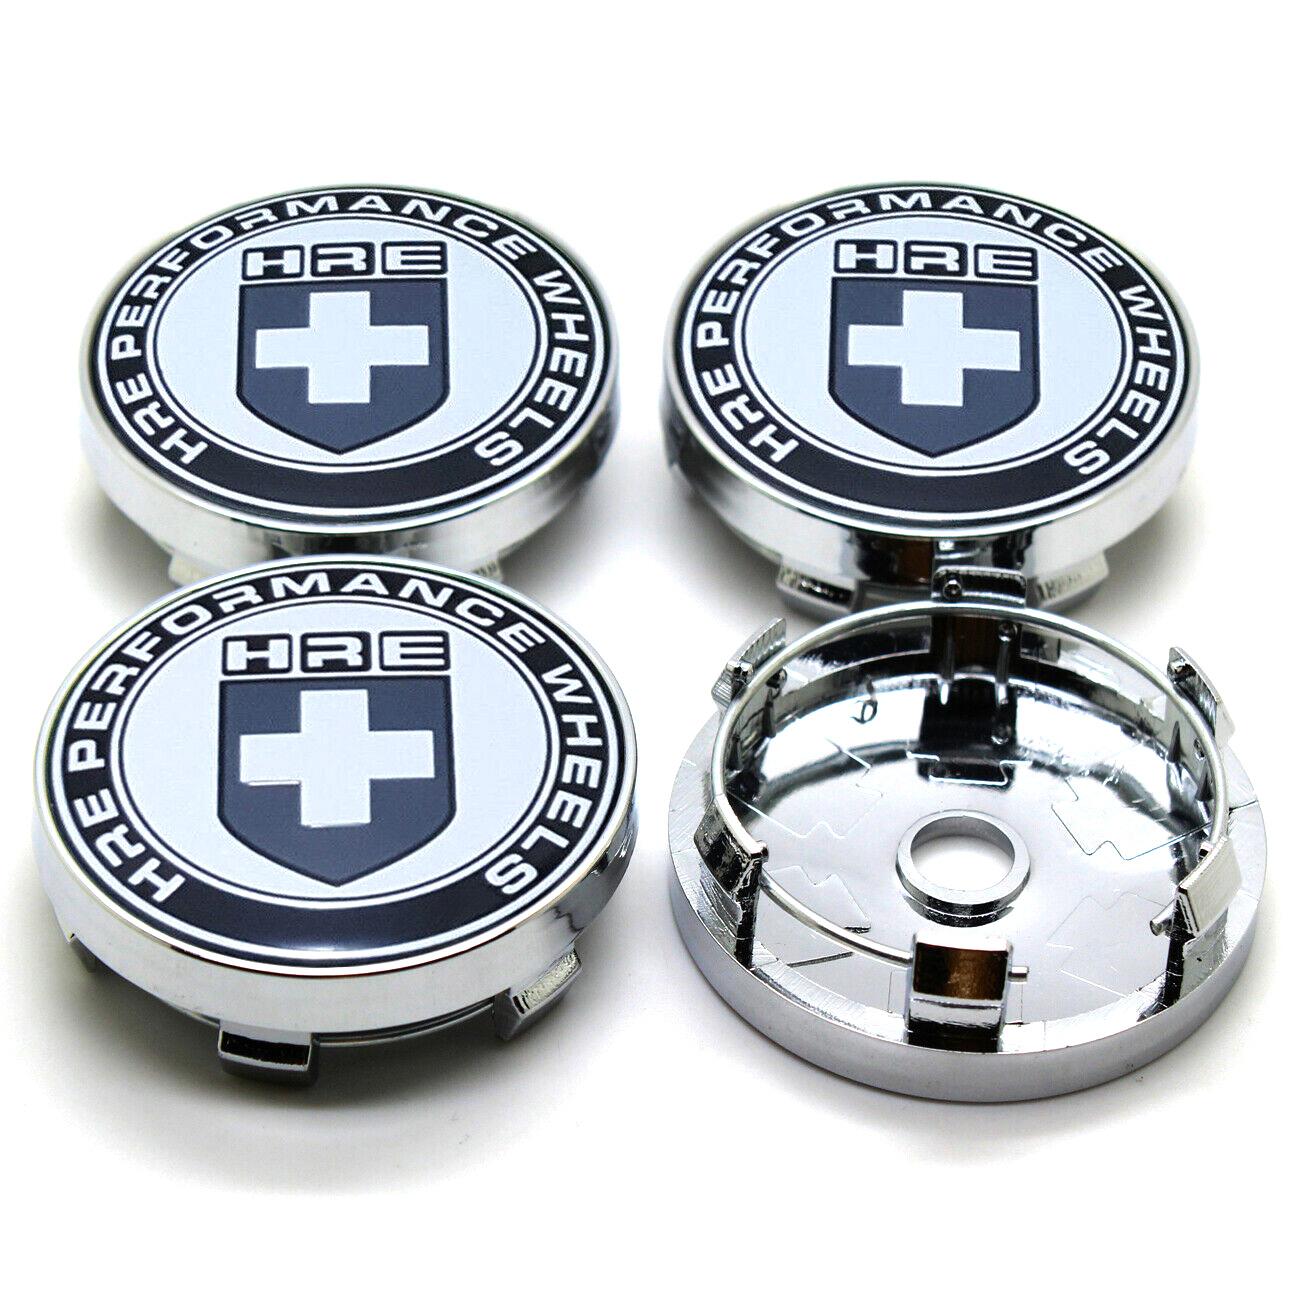 4x Jaguar wheels center caps stickers 56mm Black Sport Top Quality UK 1st Class